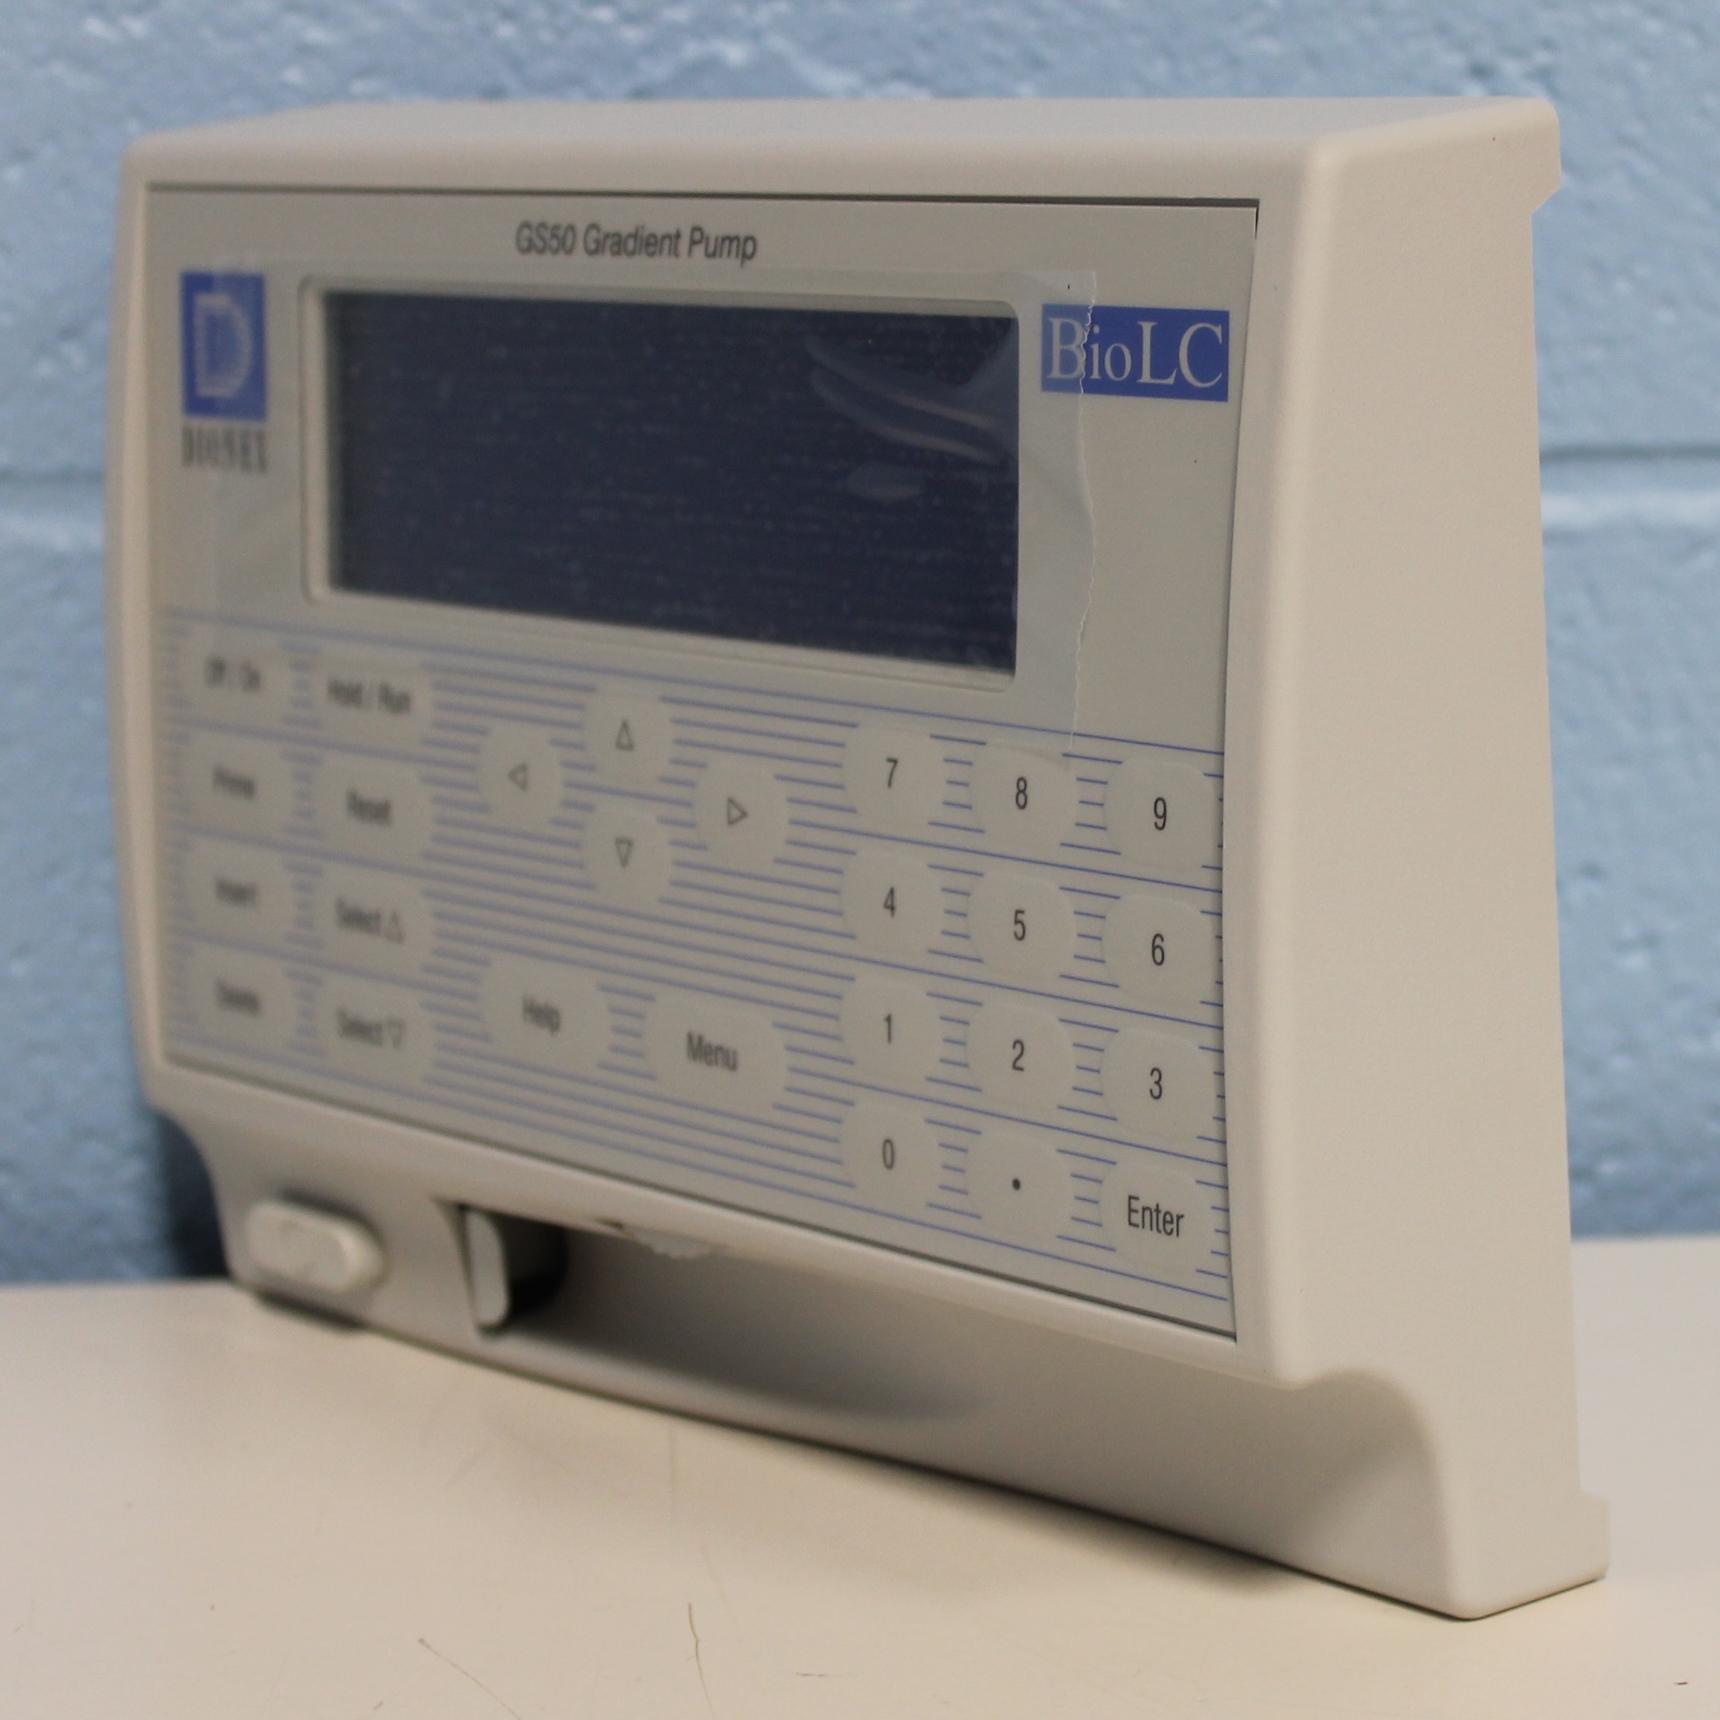 Dionex GS50 Gradient Pump Front Panel Image